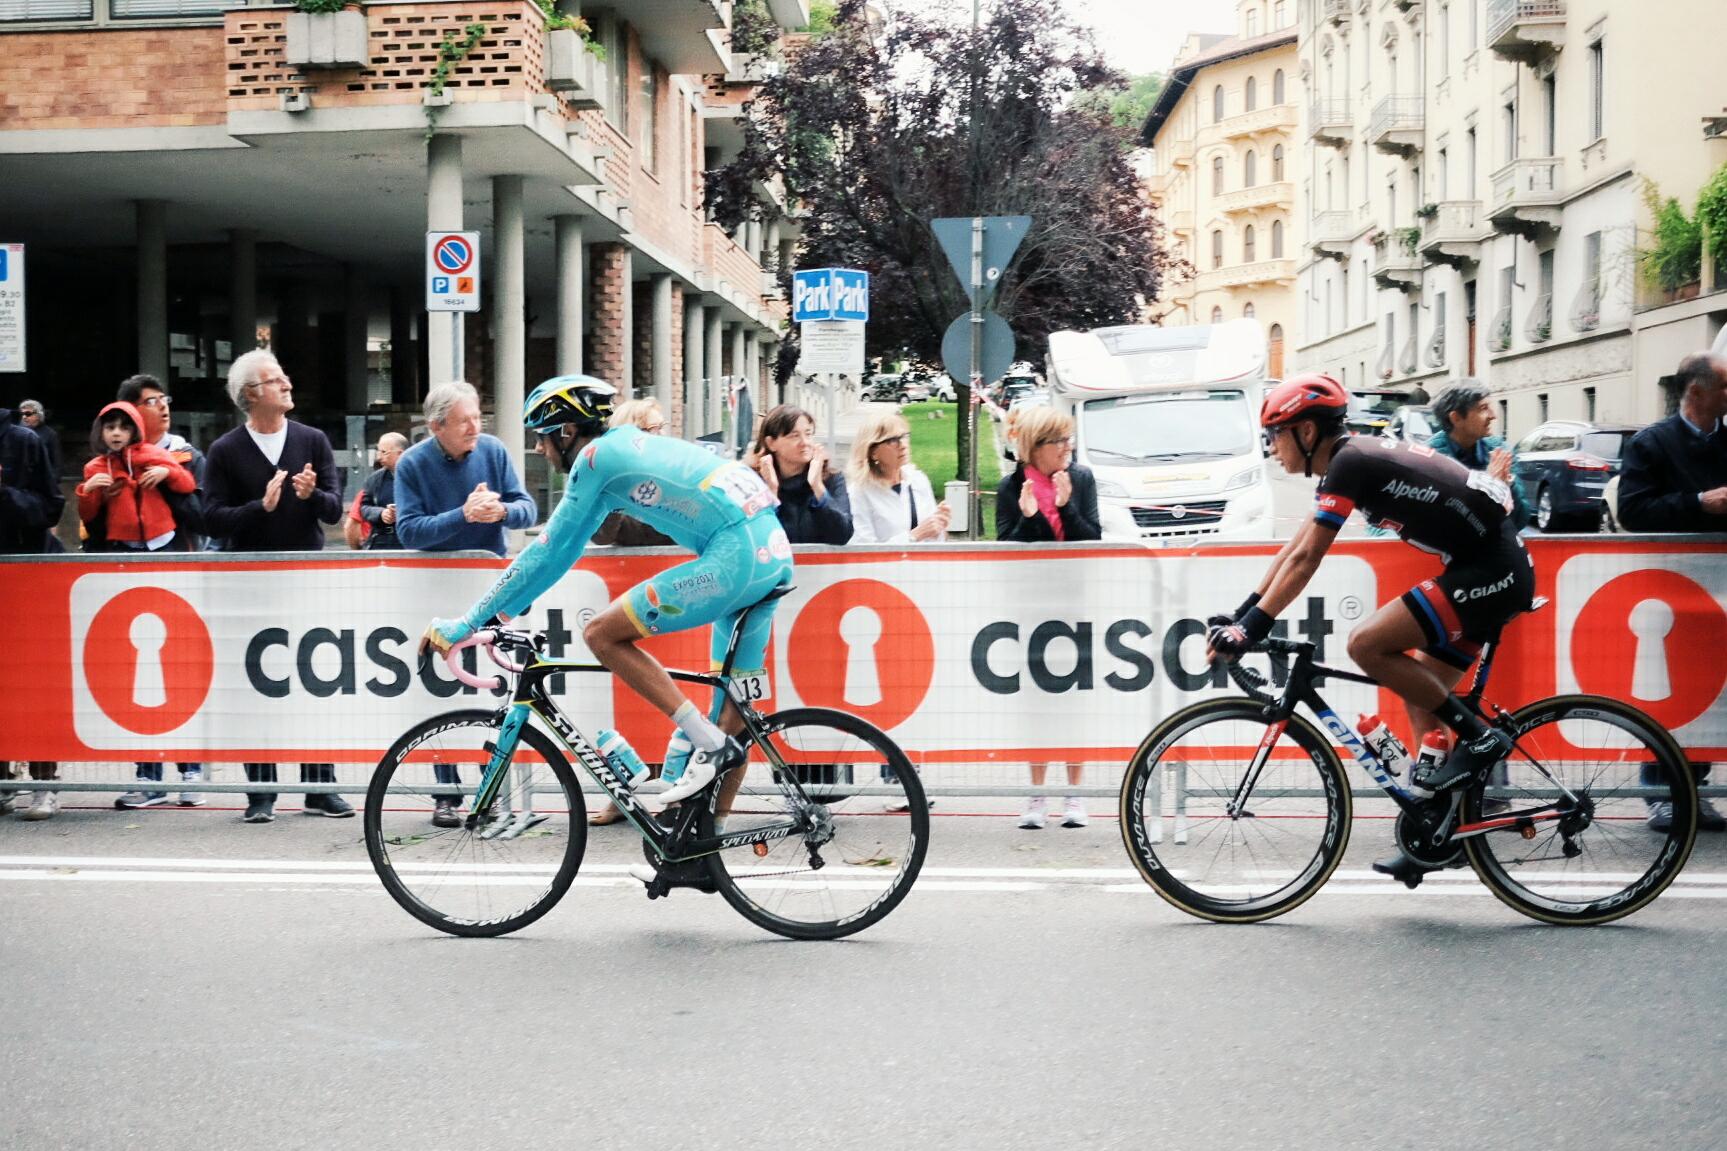 Giro d'Italia 2016 - Copyright Ivan Blanco Vilar (2).jpg